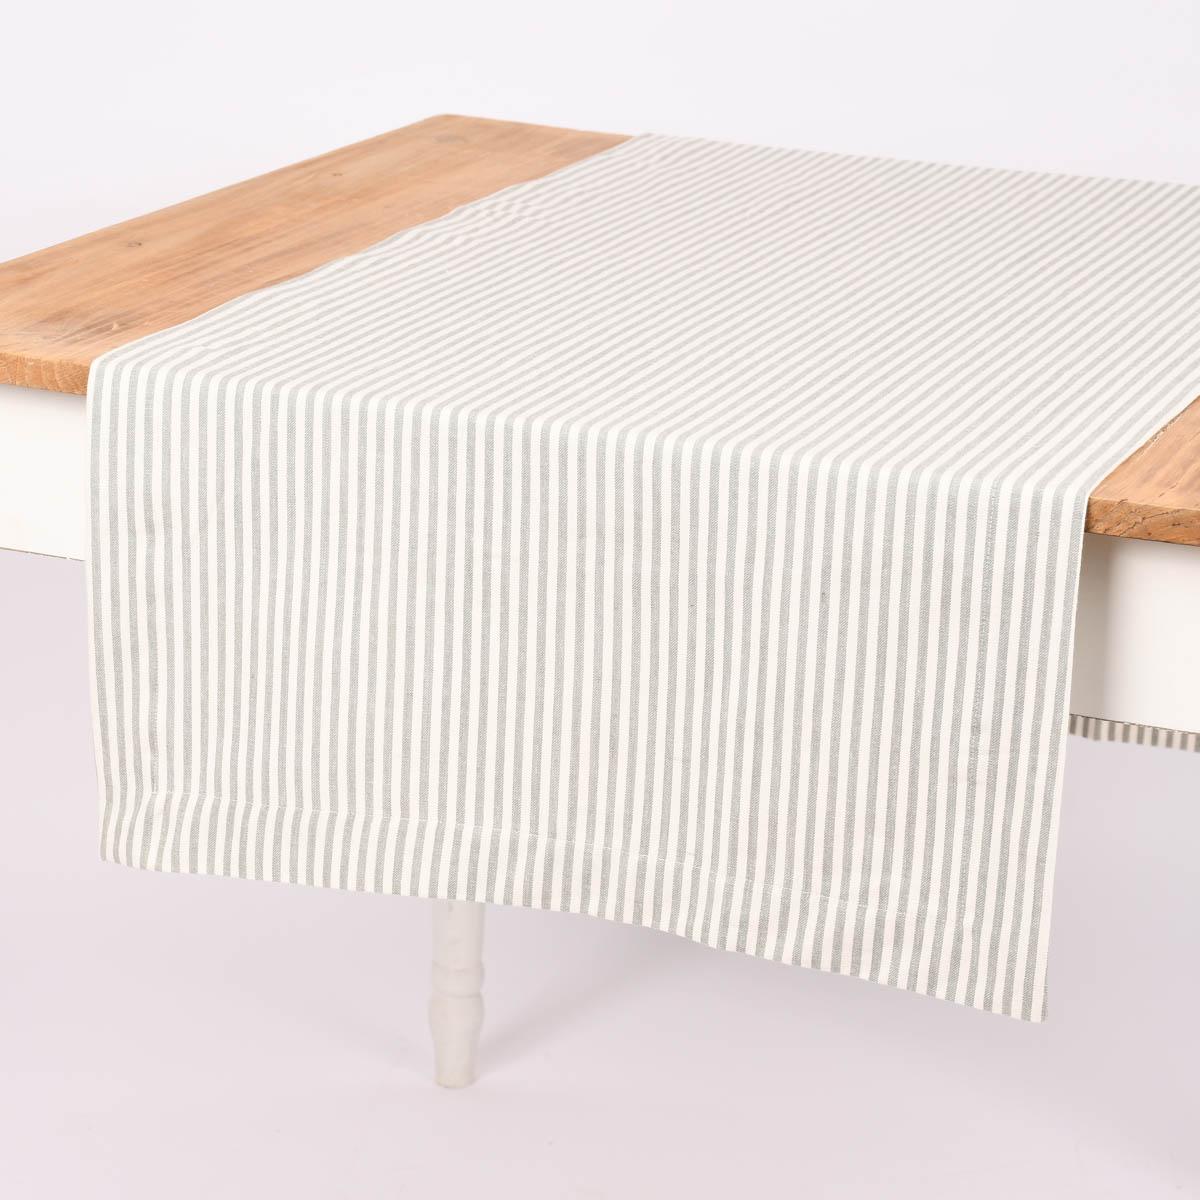 Linen & More Tischläufer Streifen grau weiß 50x140cm